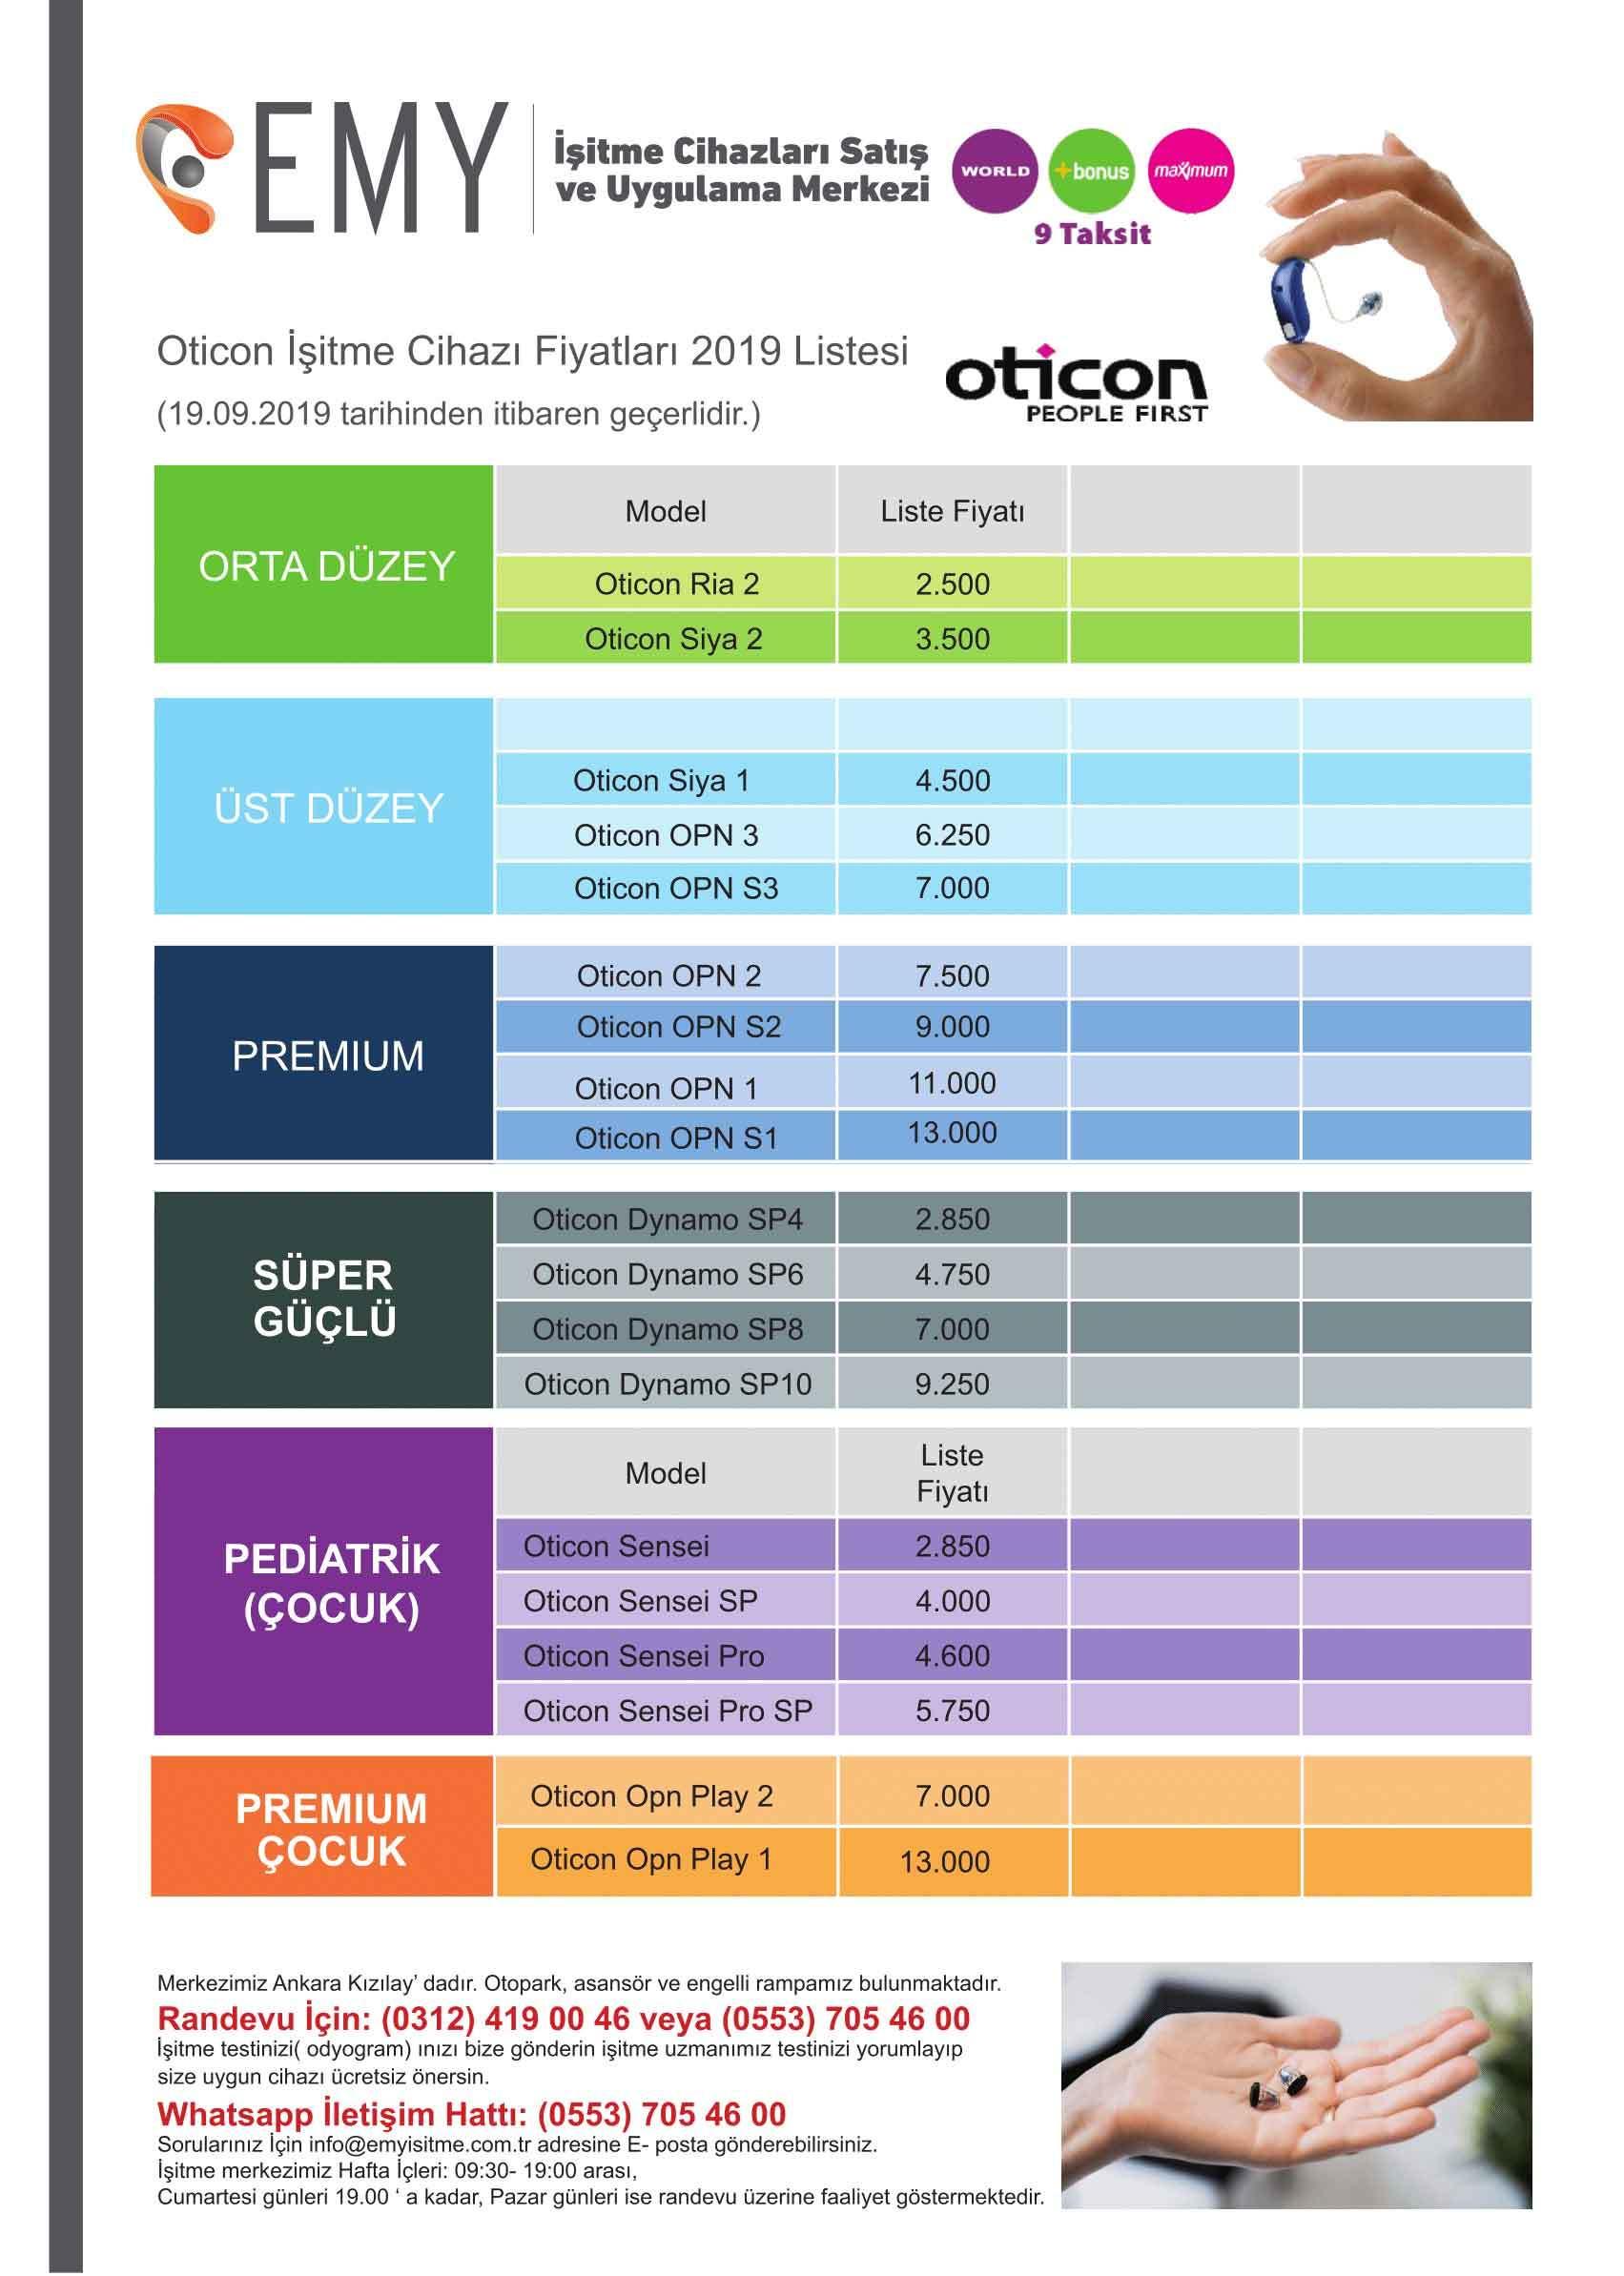 oticon işitme cihazı fiyatları 2019